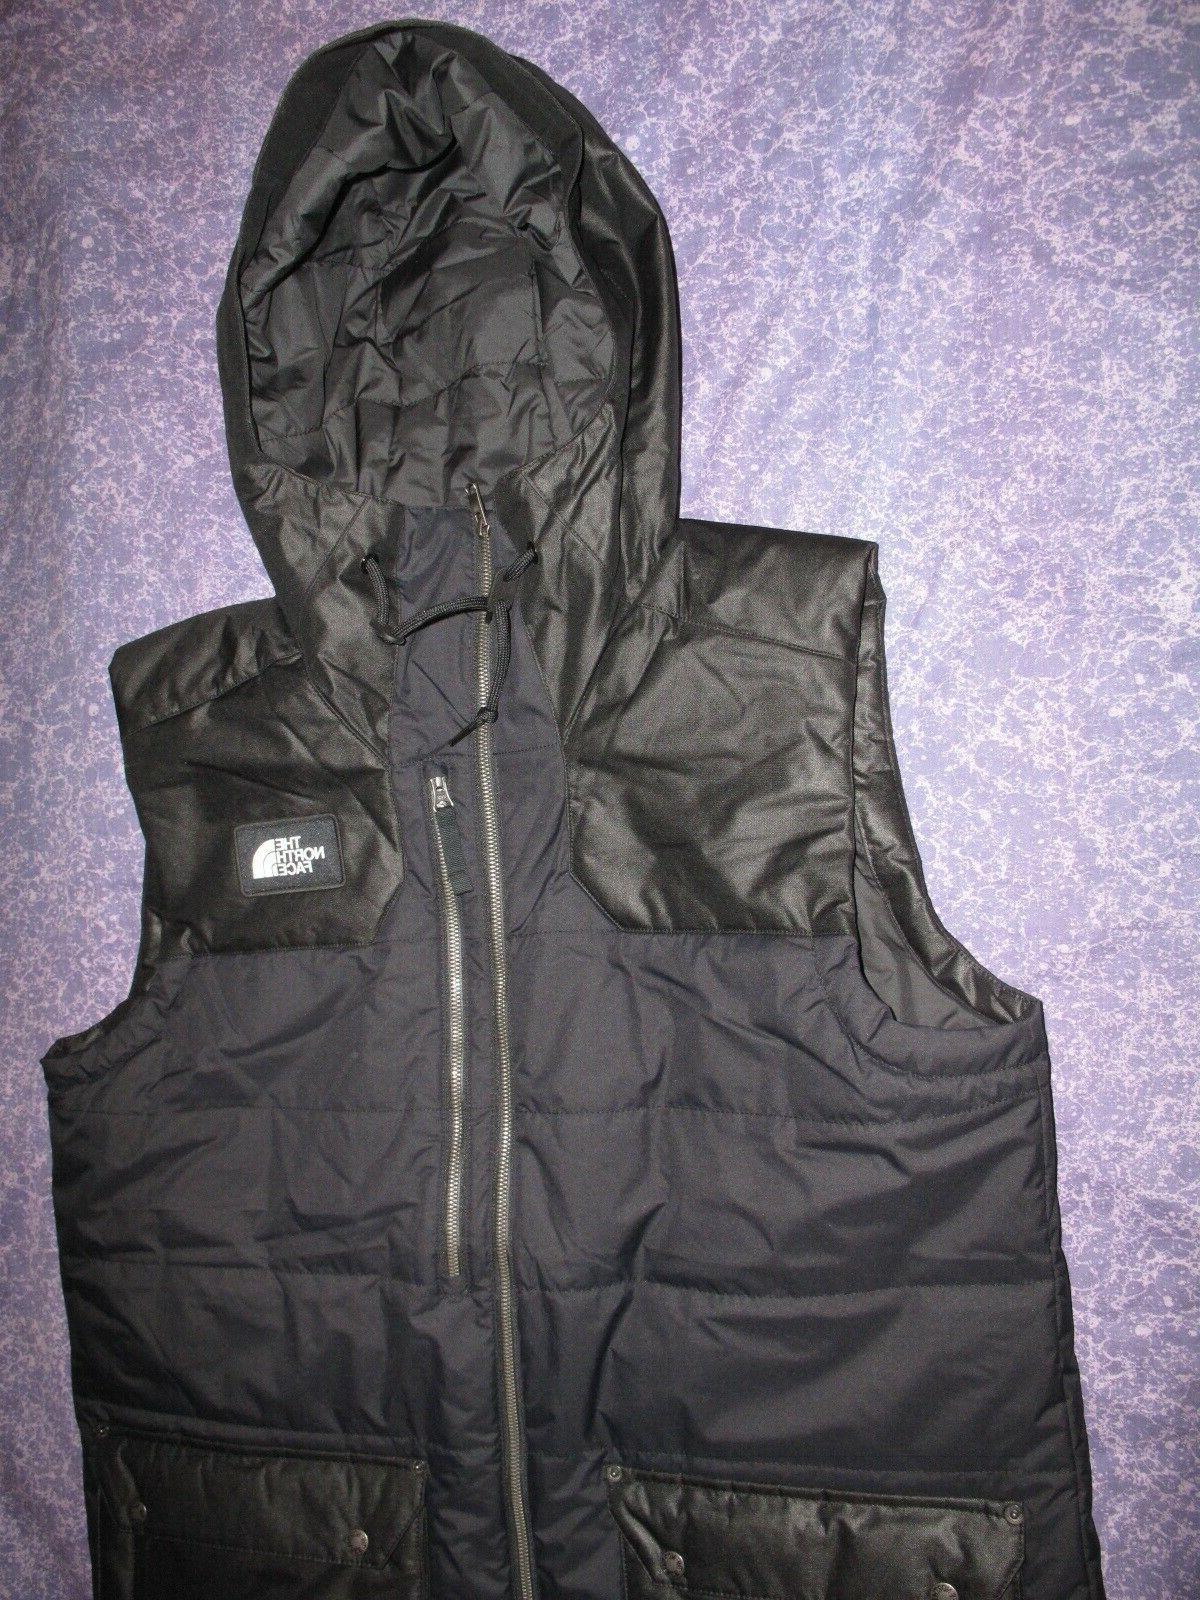 New North Face Black Men's Large Camshaft Vest Jacket